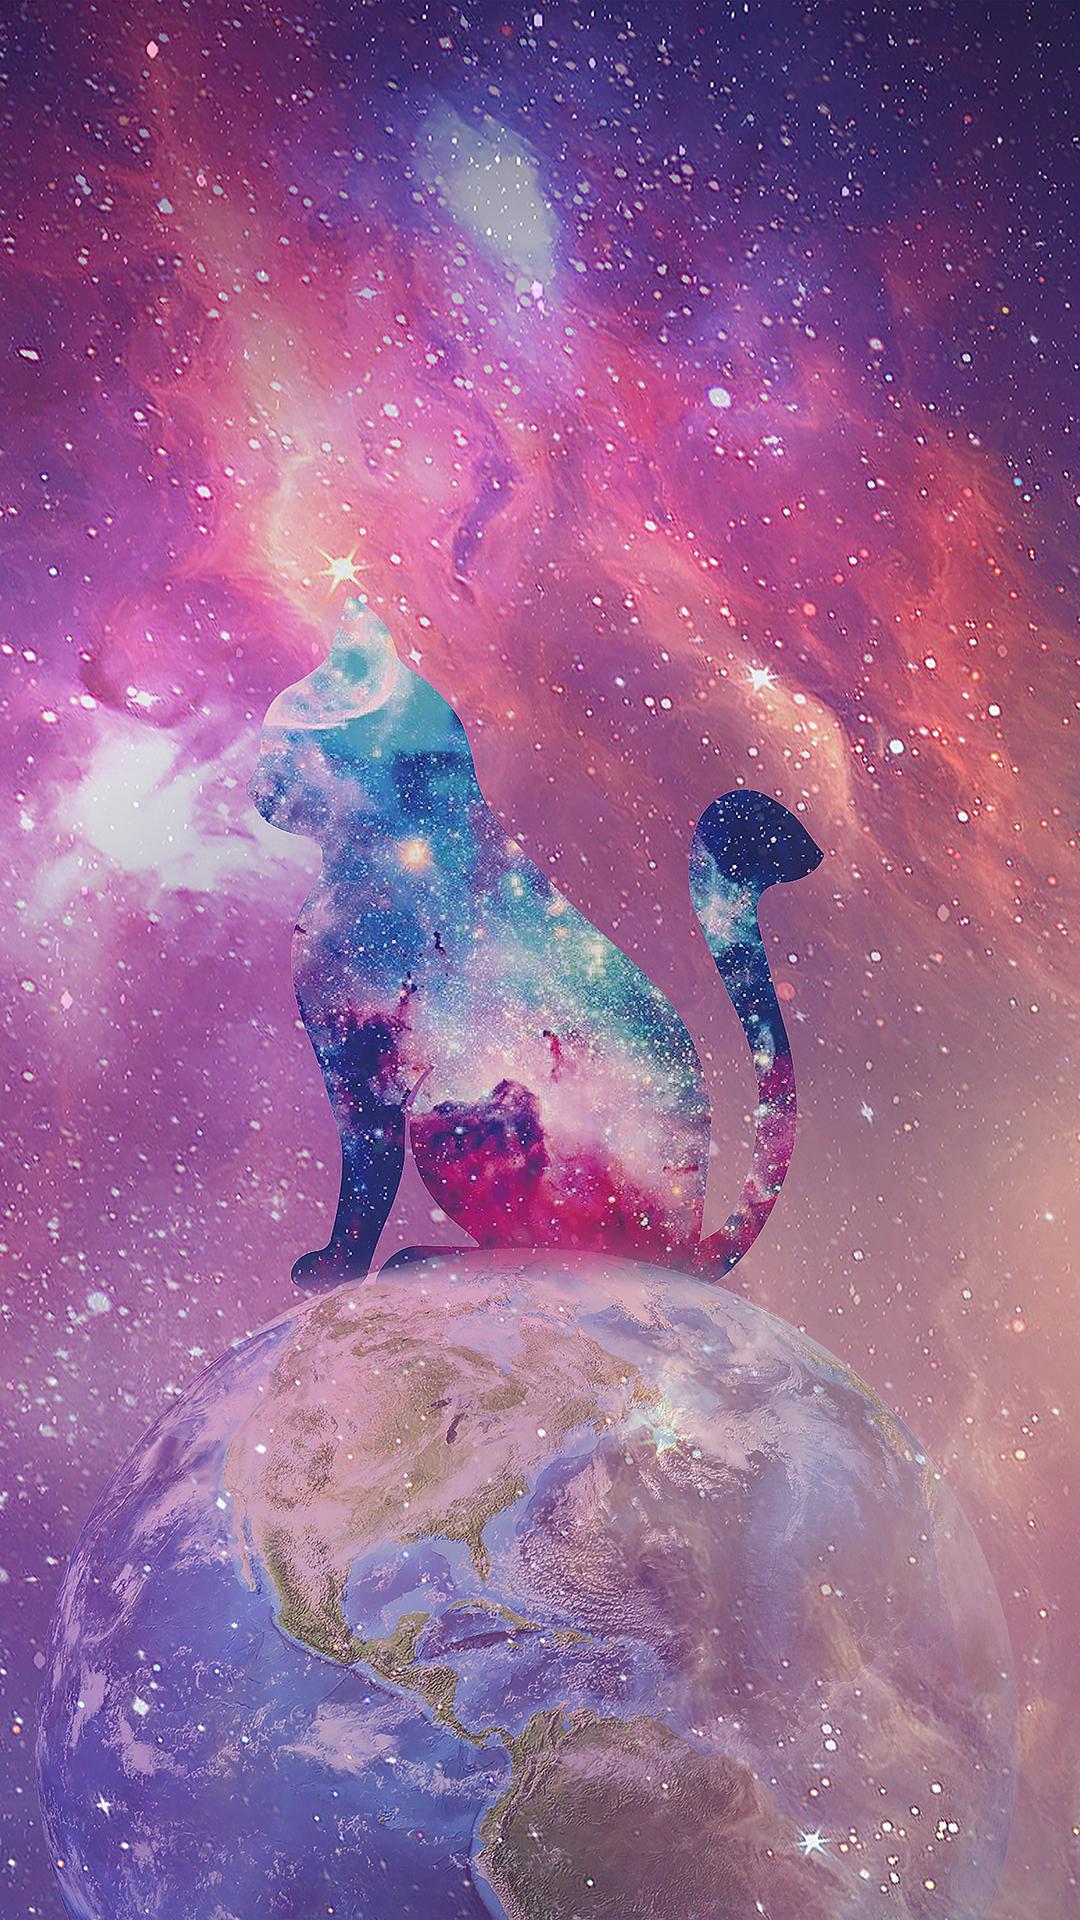 其他 梦幻星空 猫 地球